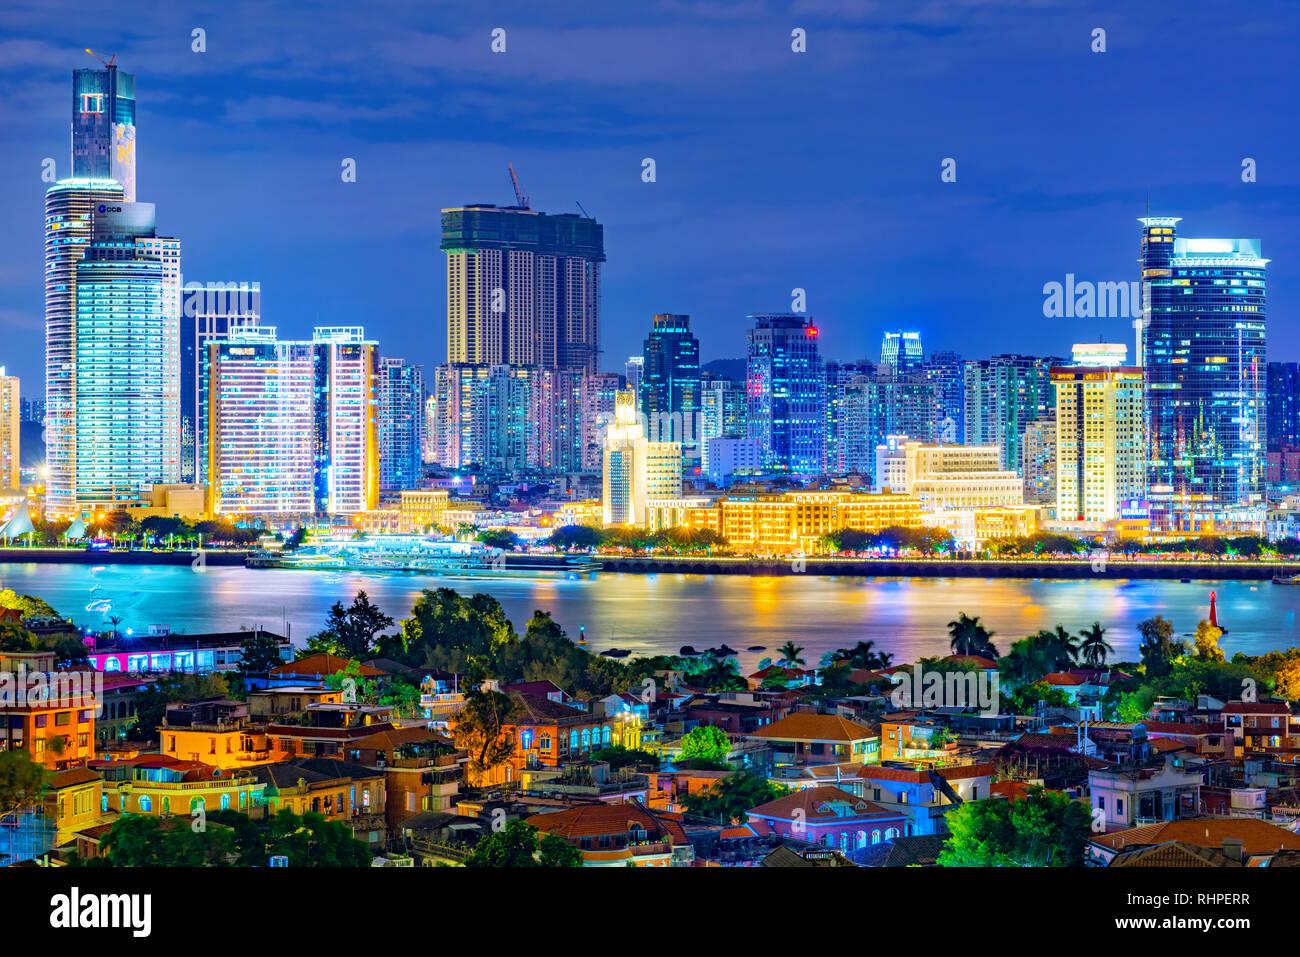 xiamen china el 11 de octubre esta es una vista de noche de la ciudad de xiamen con la isla gulangyu en primer plano el 11 de octubre de 2018 en xiamen rhperr